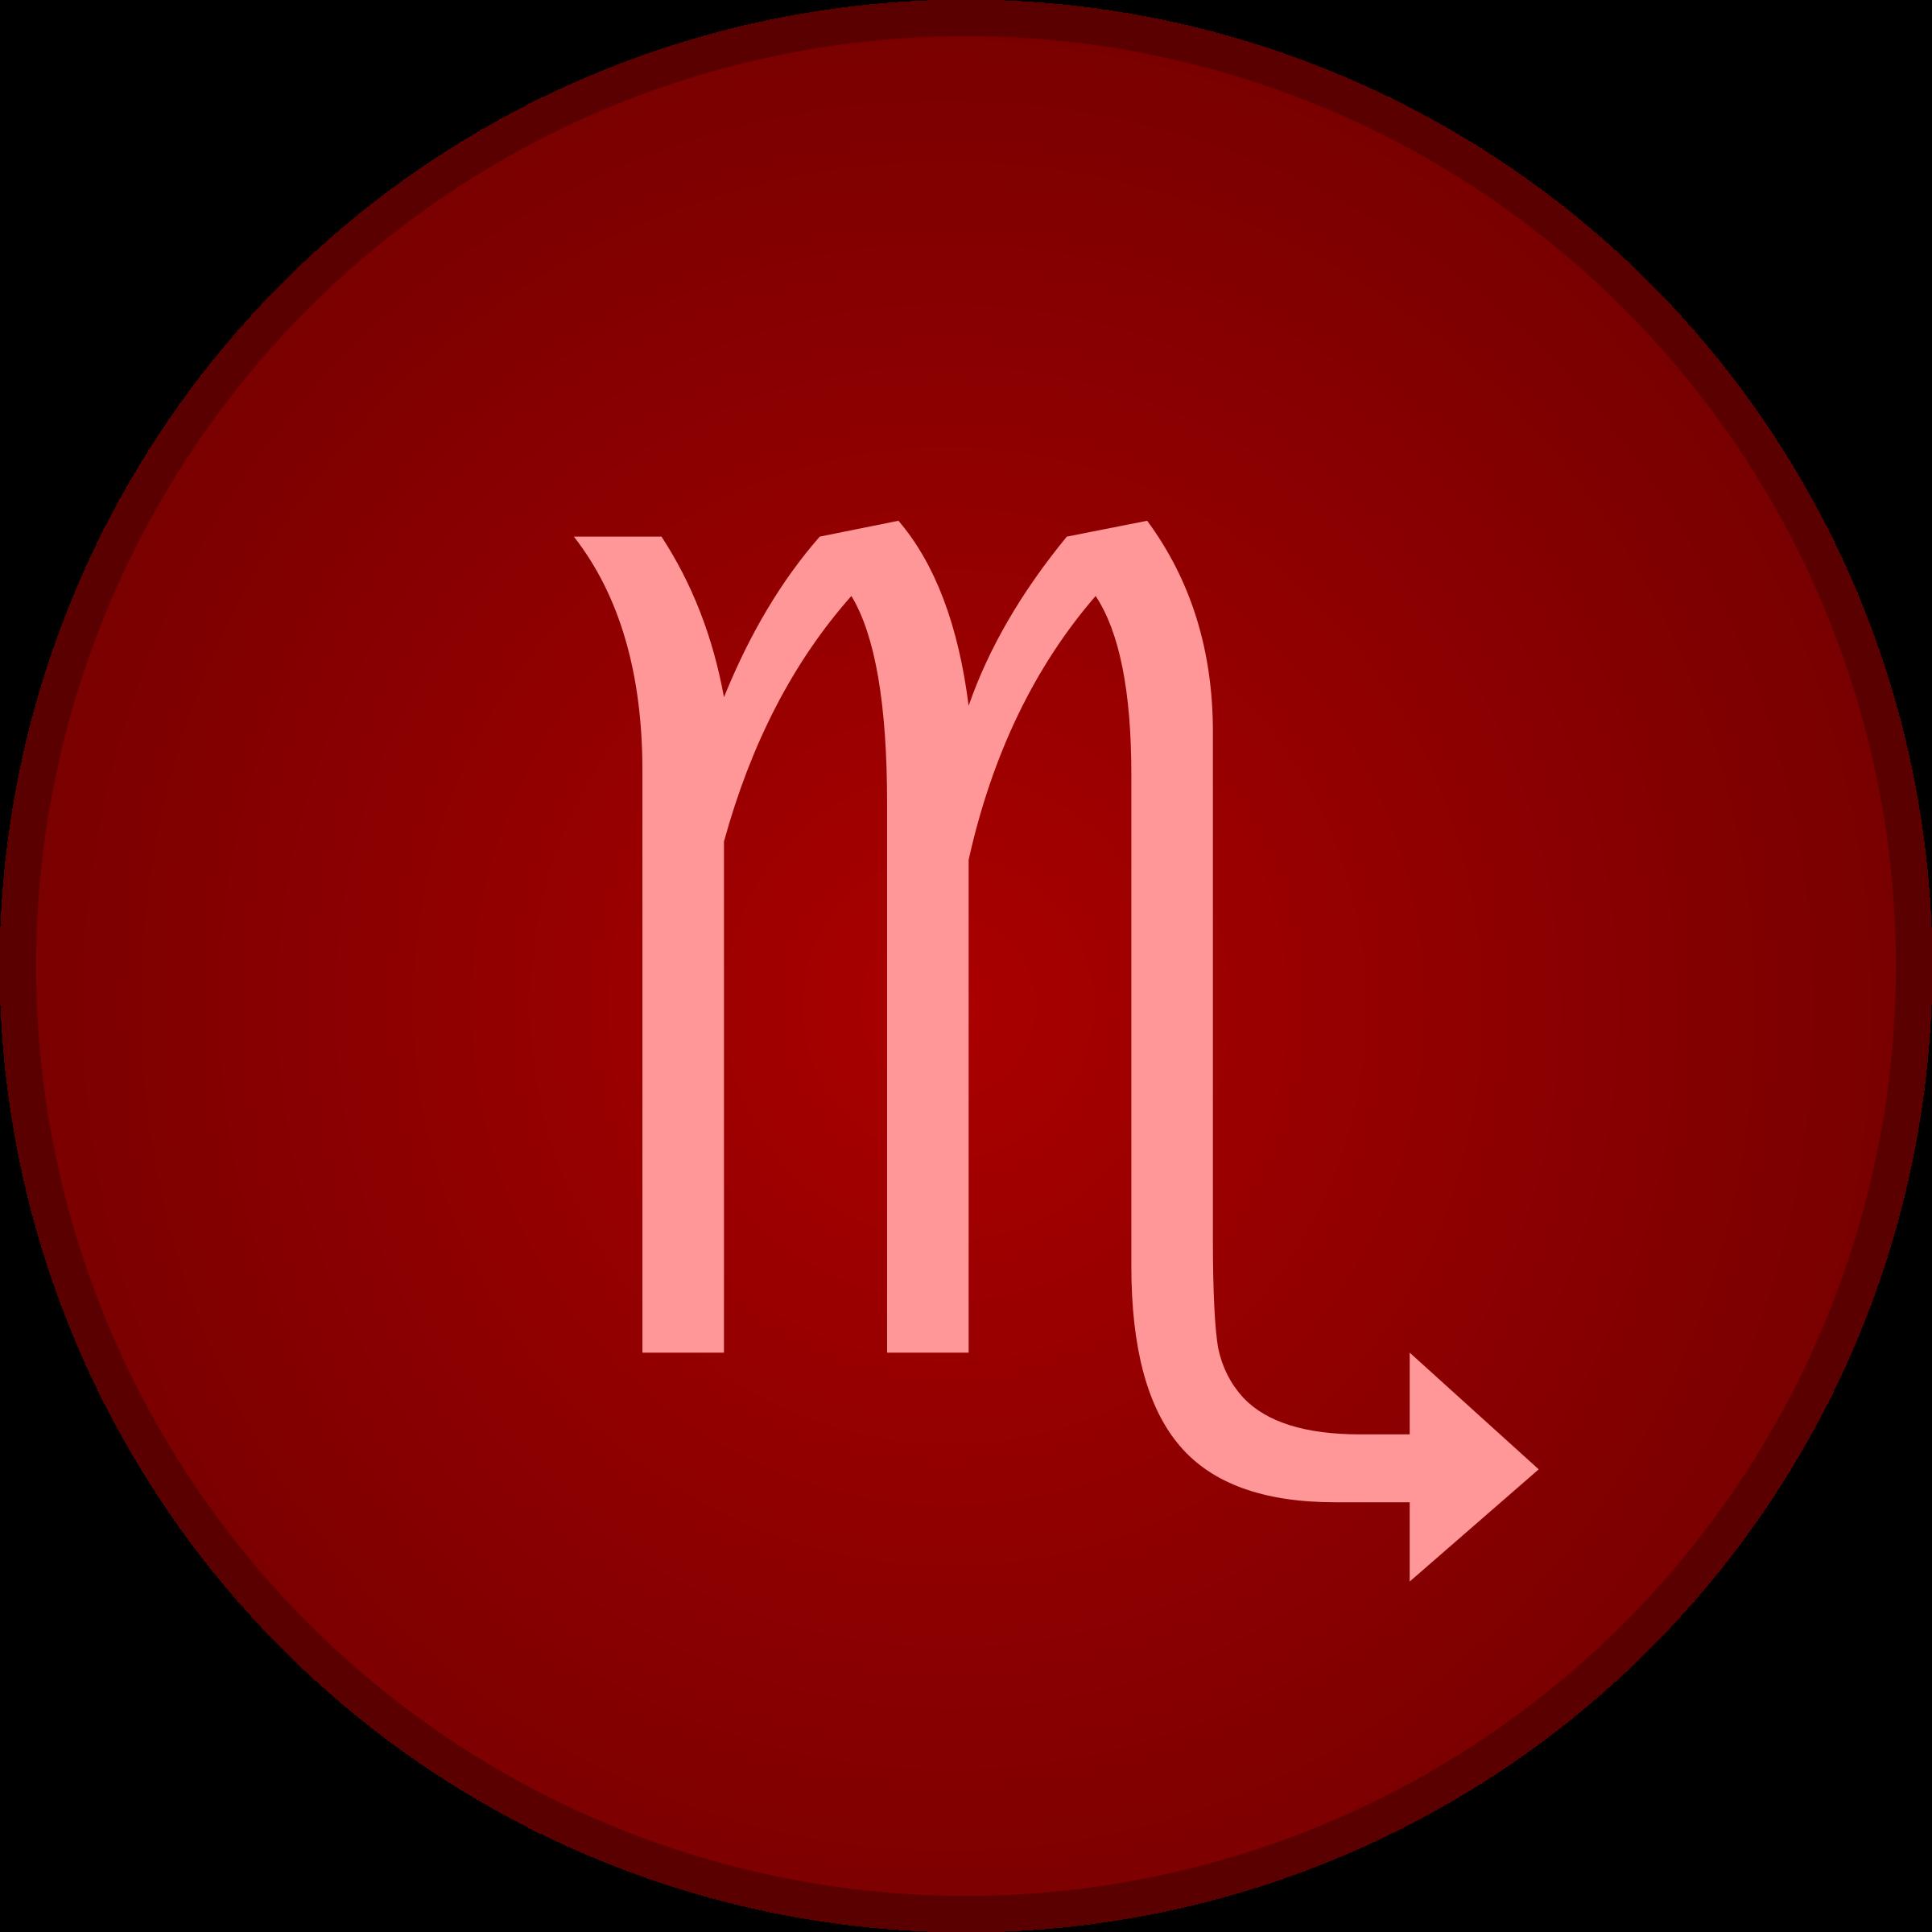 Clipart Scorpio Symbol